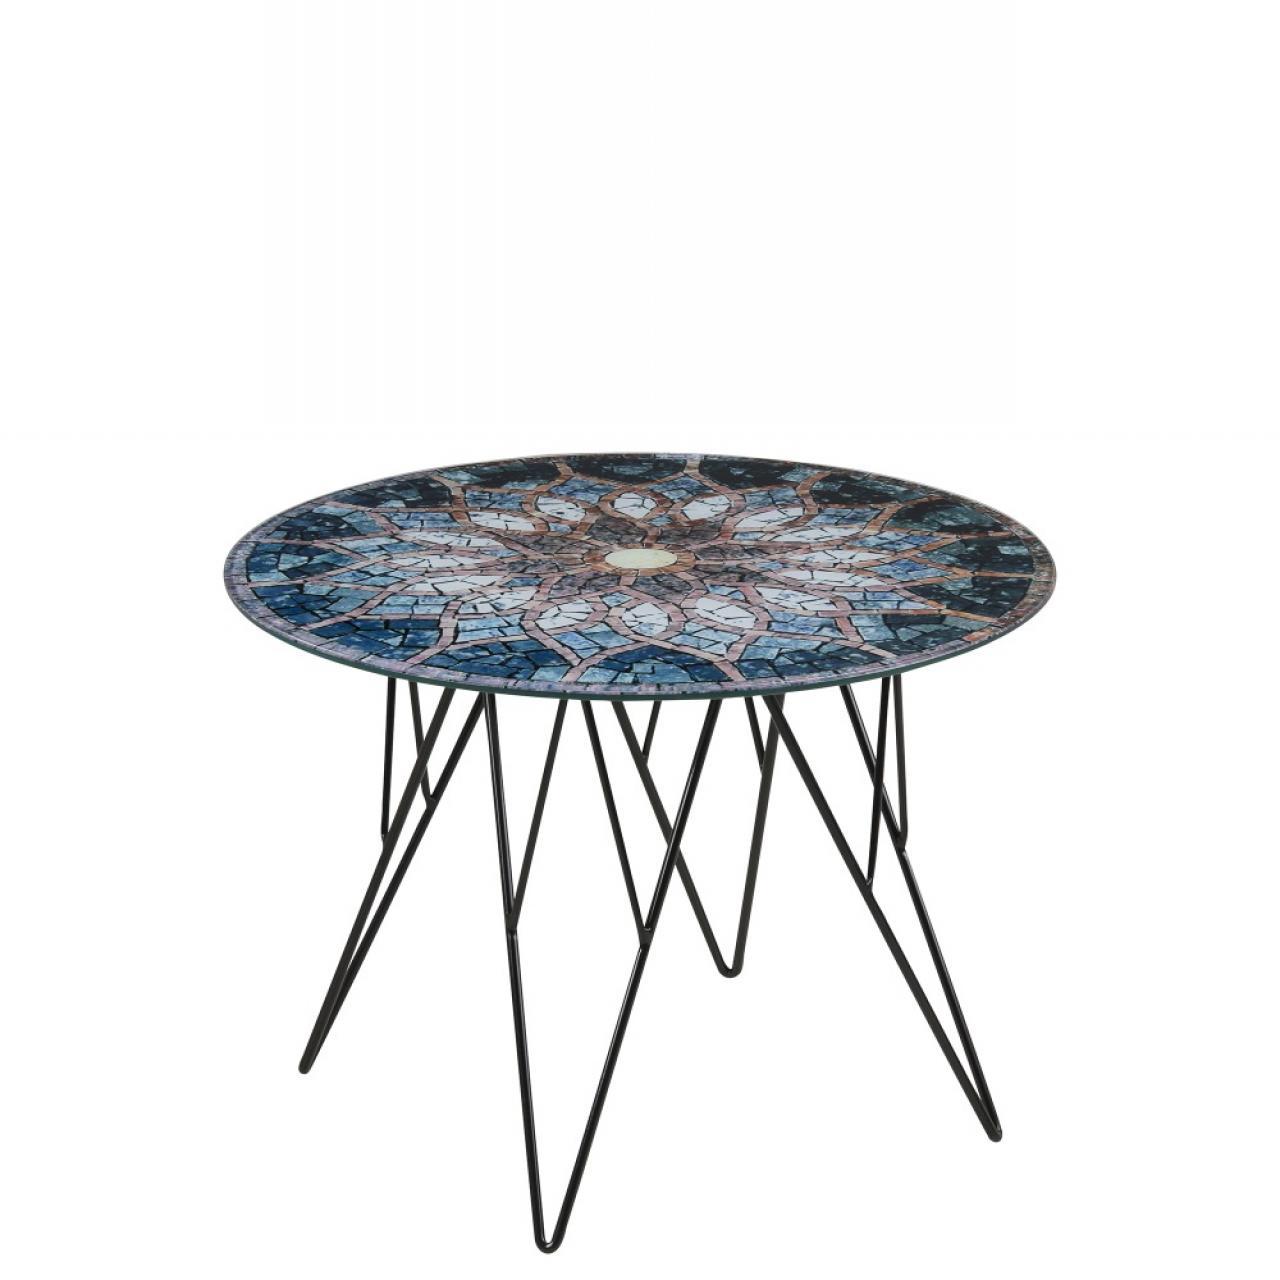 Ecktisch - Prunus - Sun Mosaik print - 55 cm Durchmesser